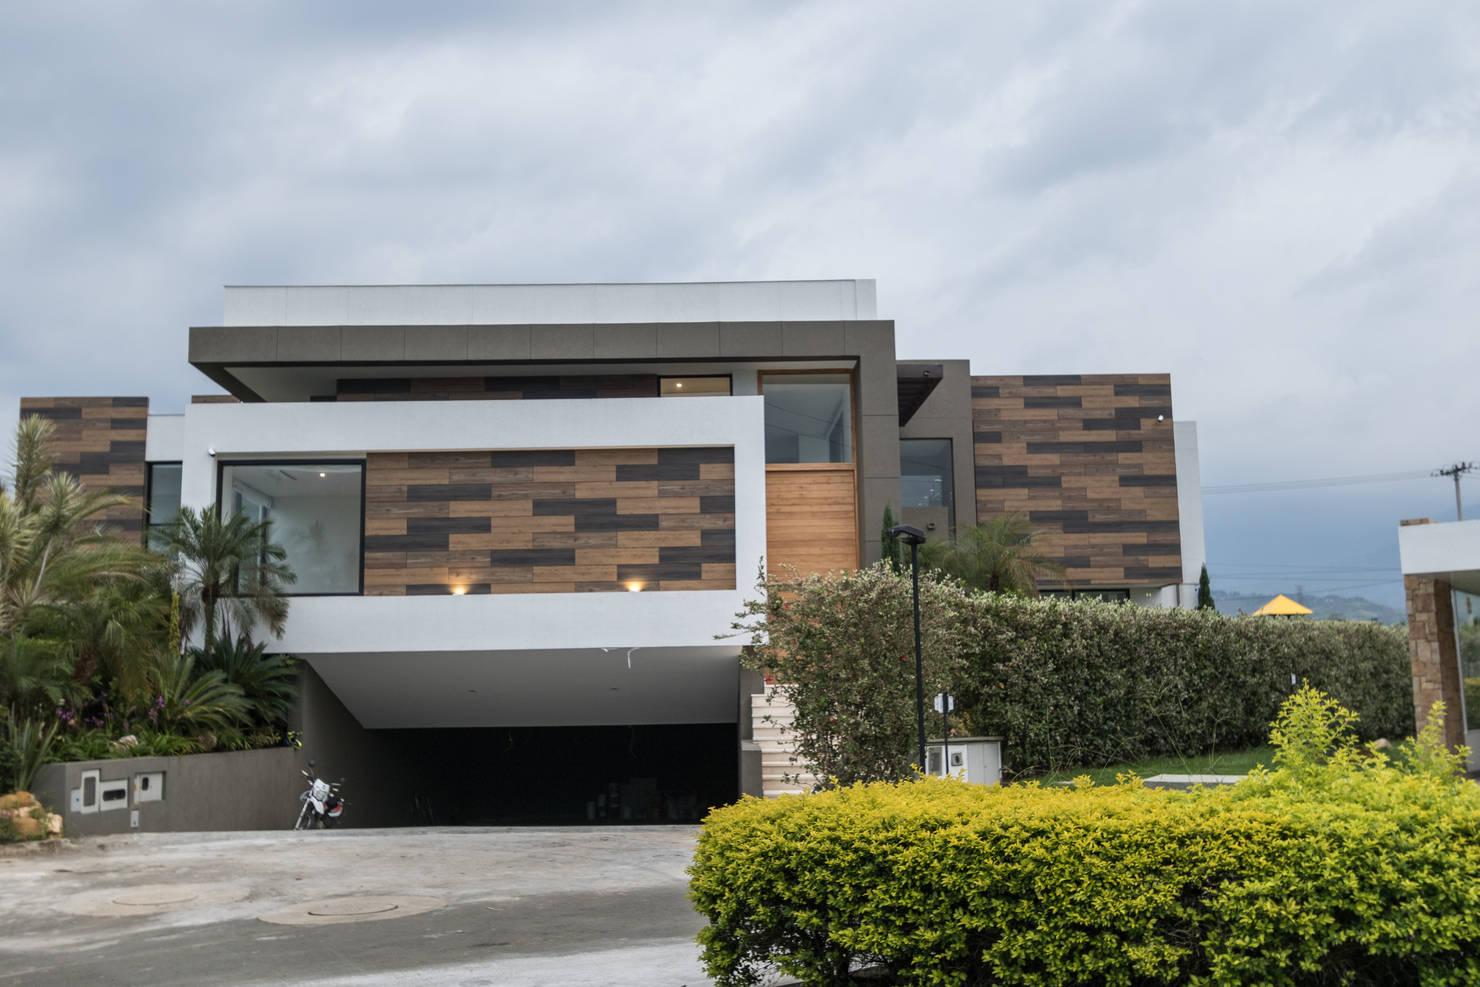 Diseño de una casa moderna con piscina en Cali